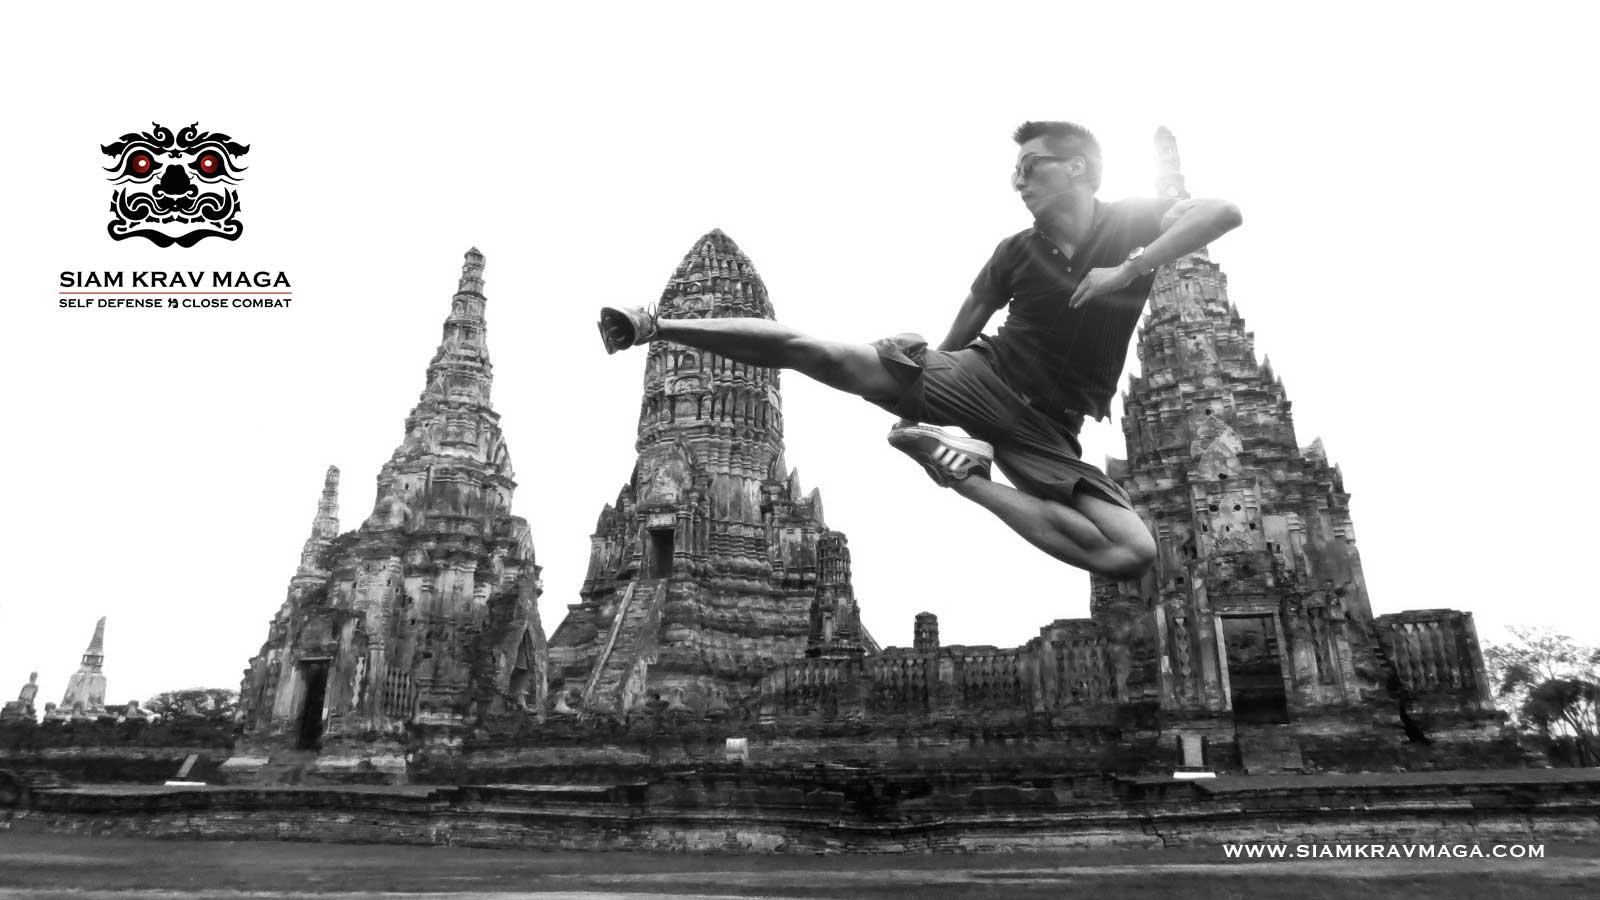 Siam Krav Maga Bangkok Thailand